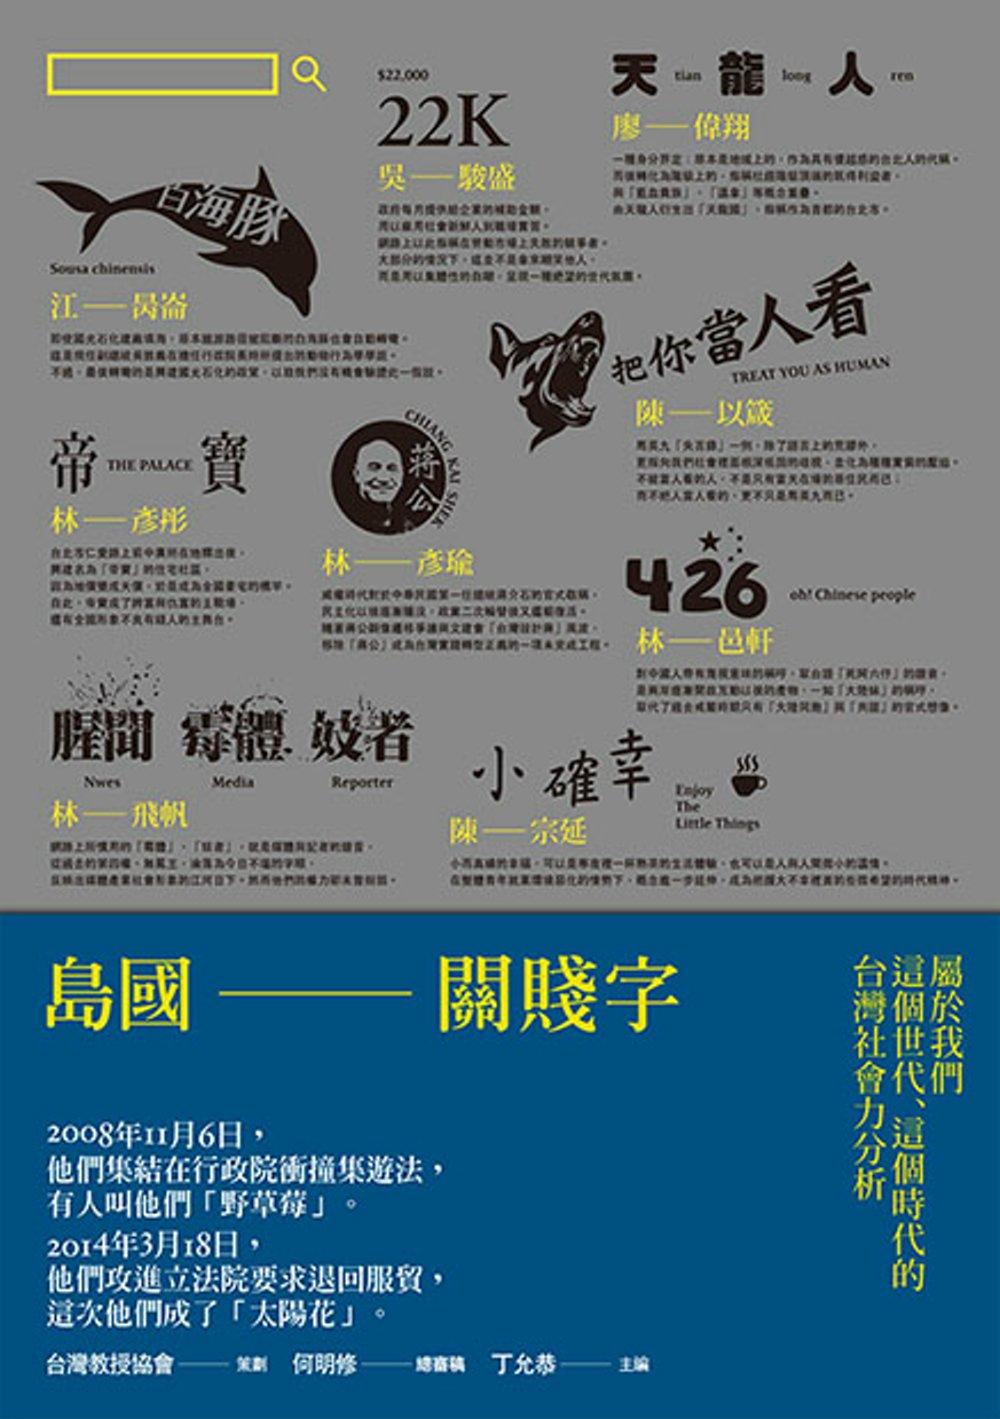 島國關賤字:屬於我們這個世代、這個時代的台灣社會力分析